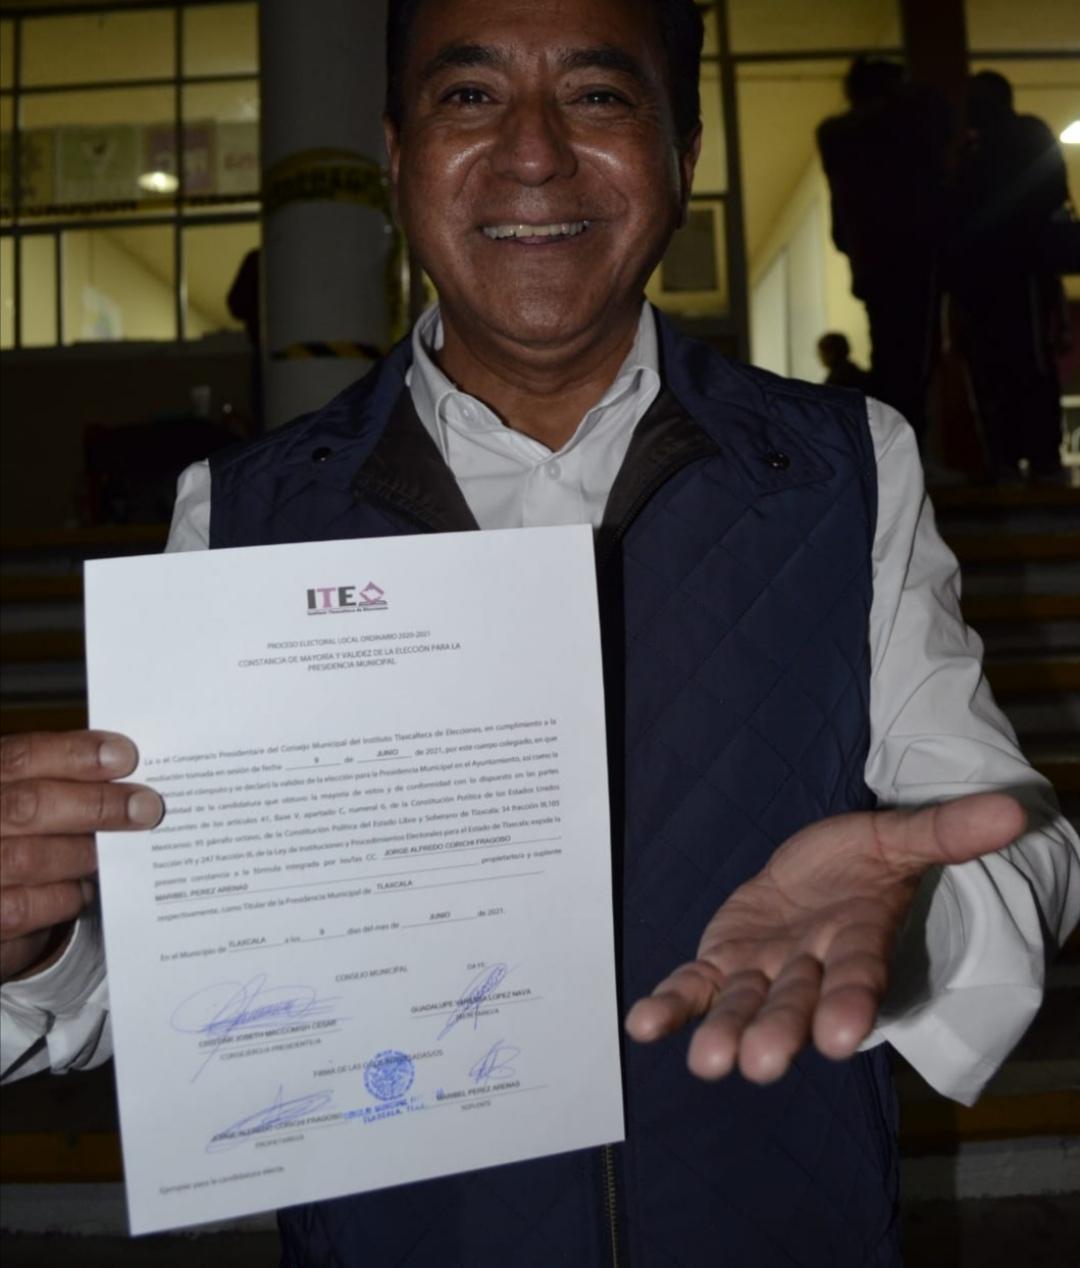 Confirma ITE resultado de la elección a favor de Morena en municipio de Tlaxcala: